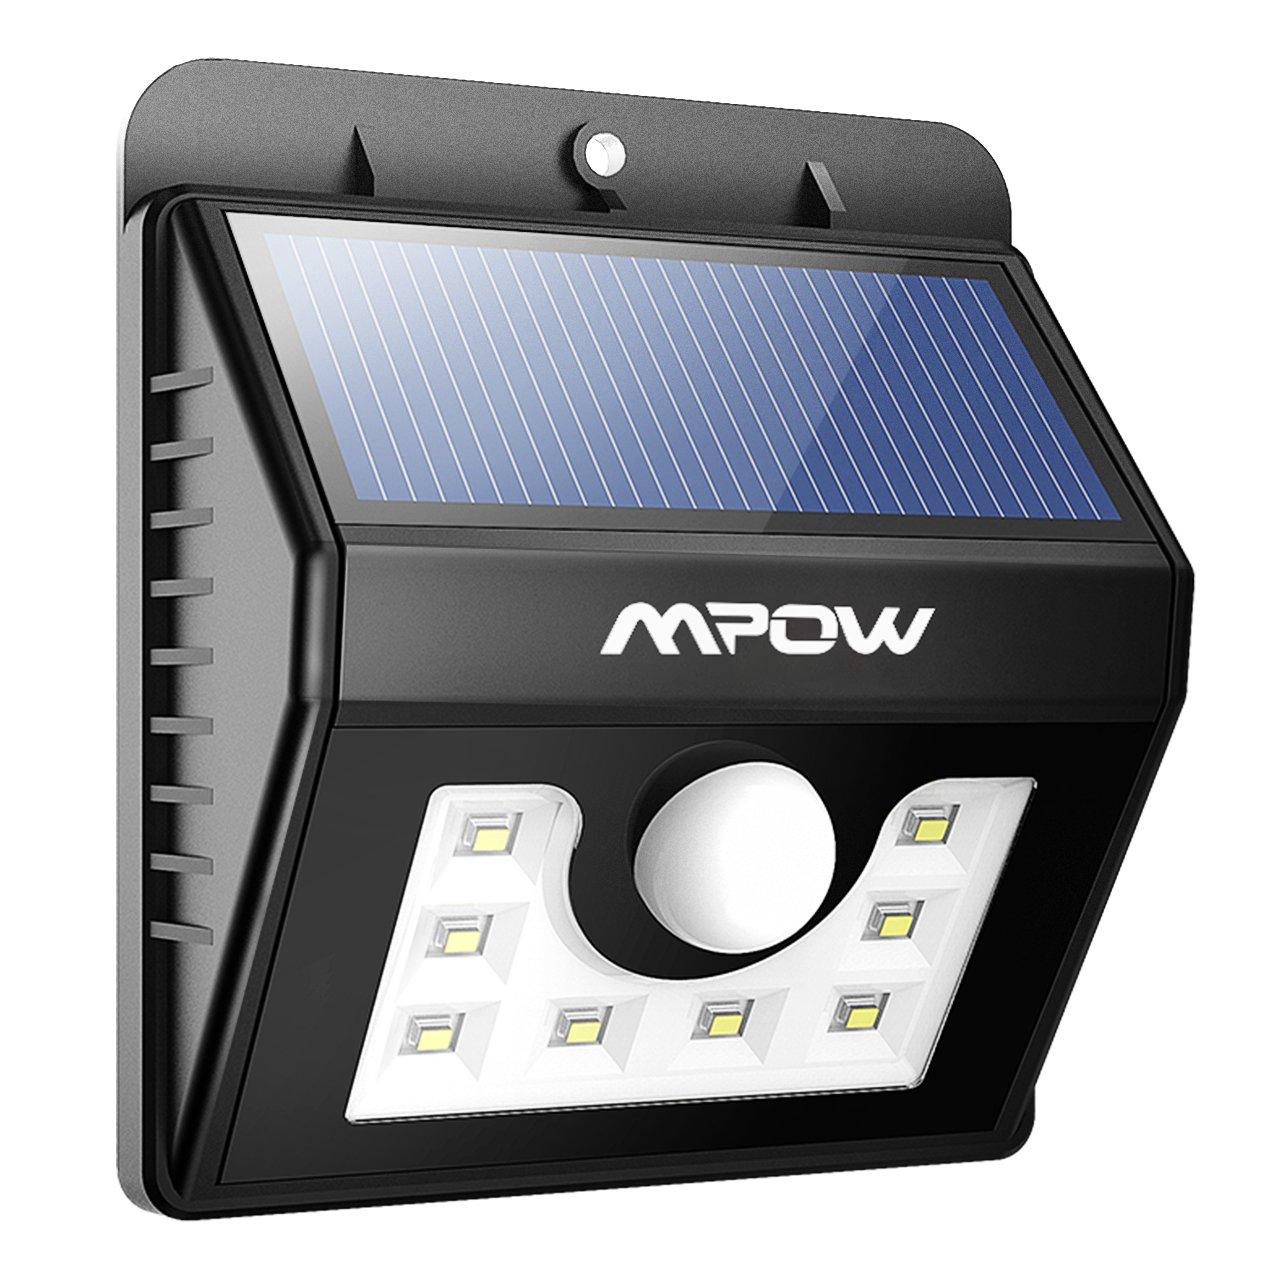 [Đồ gia dụng] Mpow ánh sáng cảm biến ánh sáng mặt trời 8 LED ánh sáng an ninh 3-trong-1 ánh sáng lối vào ba mô hình không dây cảm biến chuyển động đèn ngoài trời treo tường năng lượng mặt trời tiết kiệm năng l... - mua ngay tại: https://omelii.com/a/B010UMQKCO